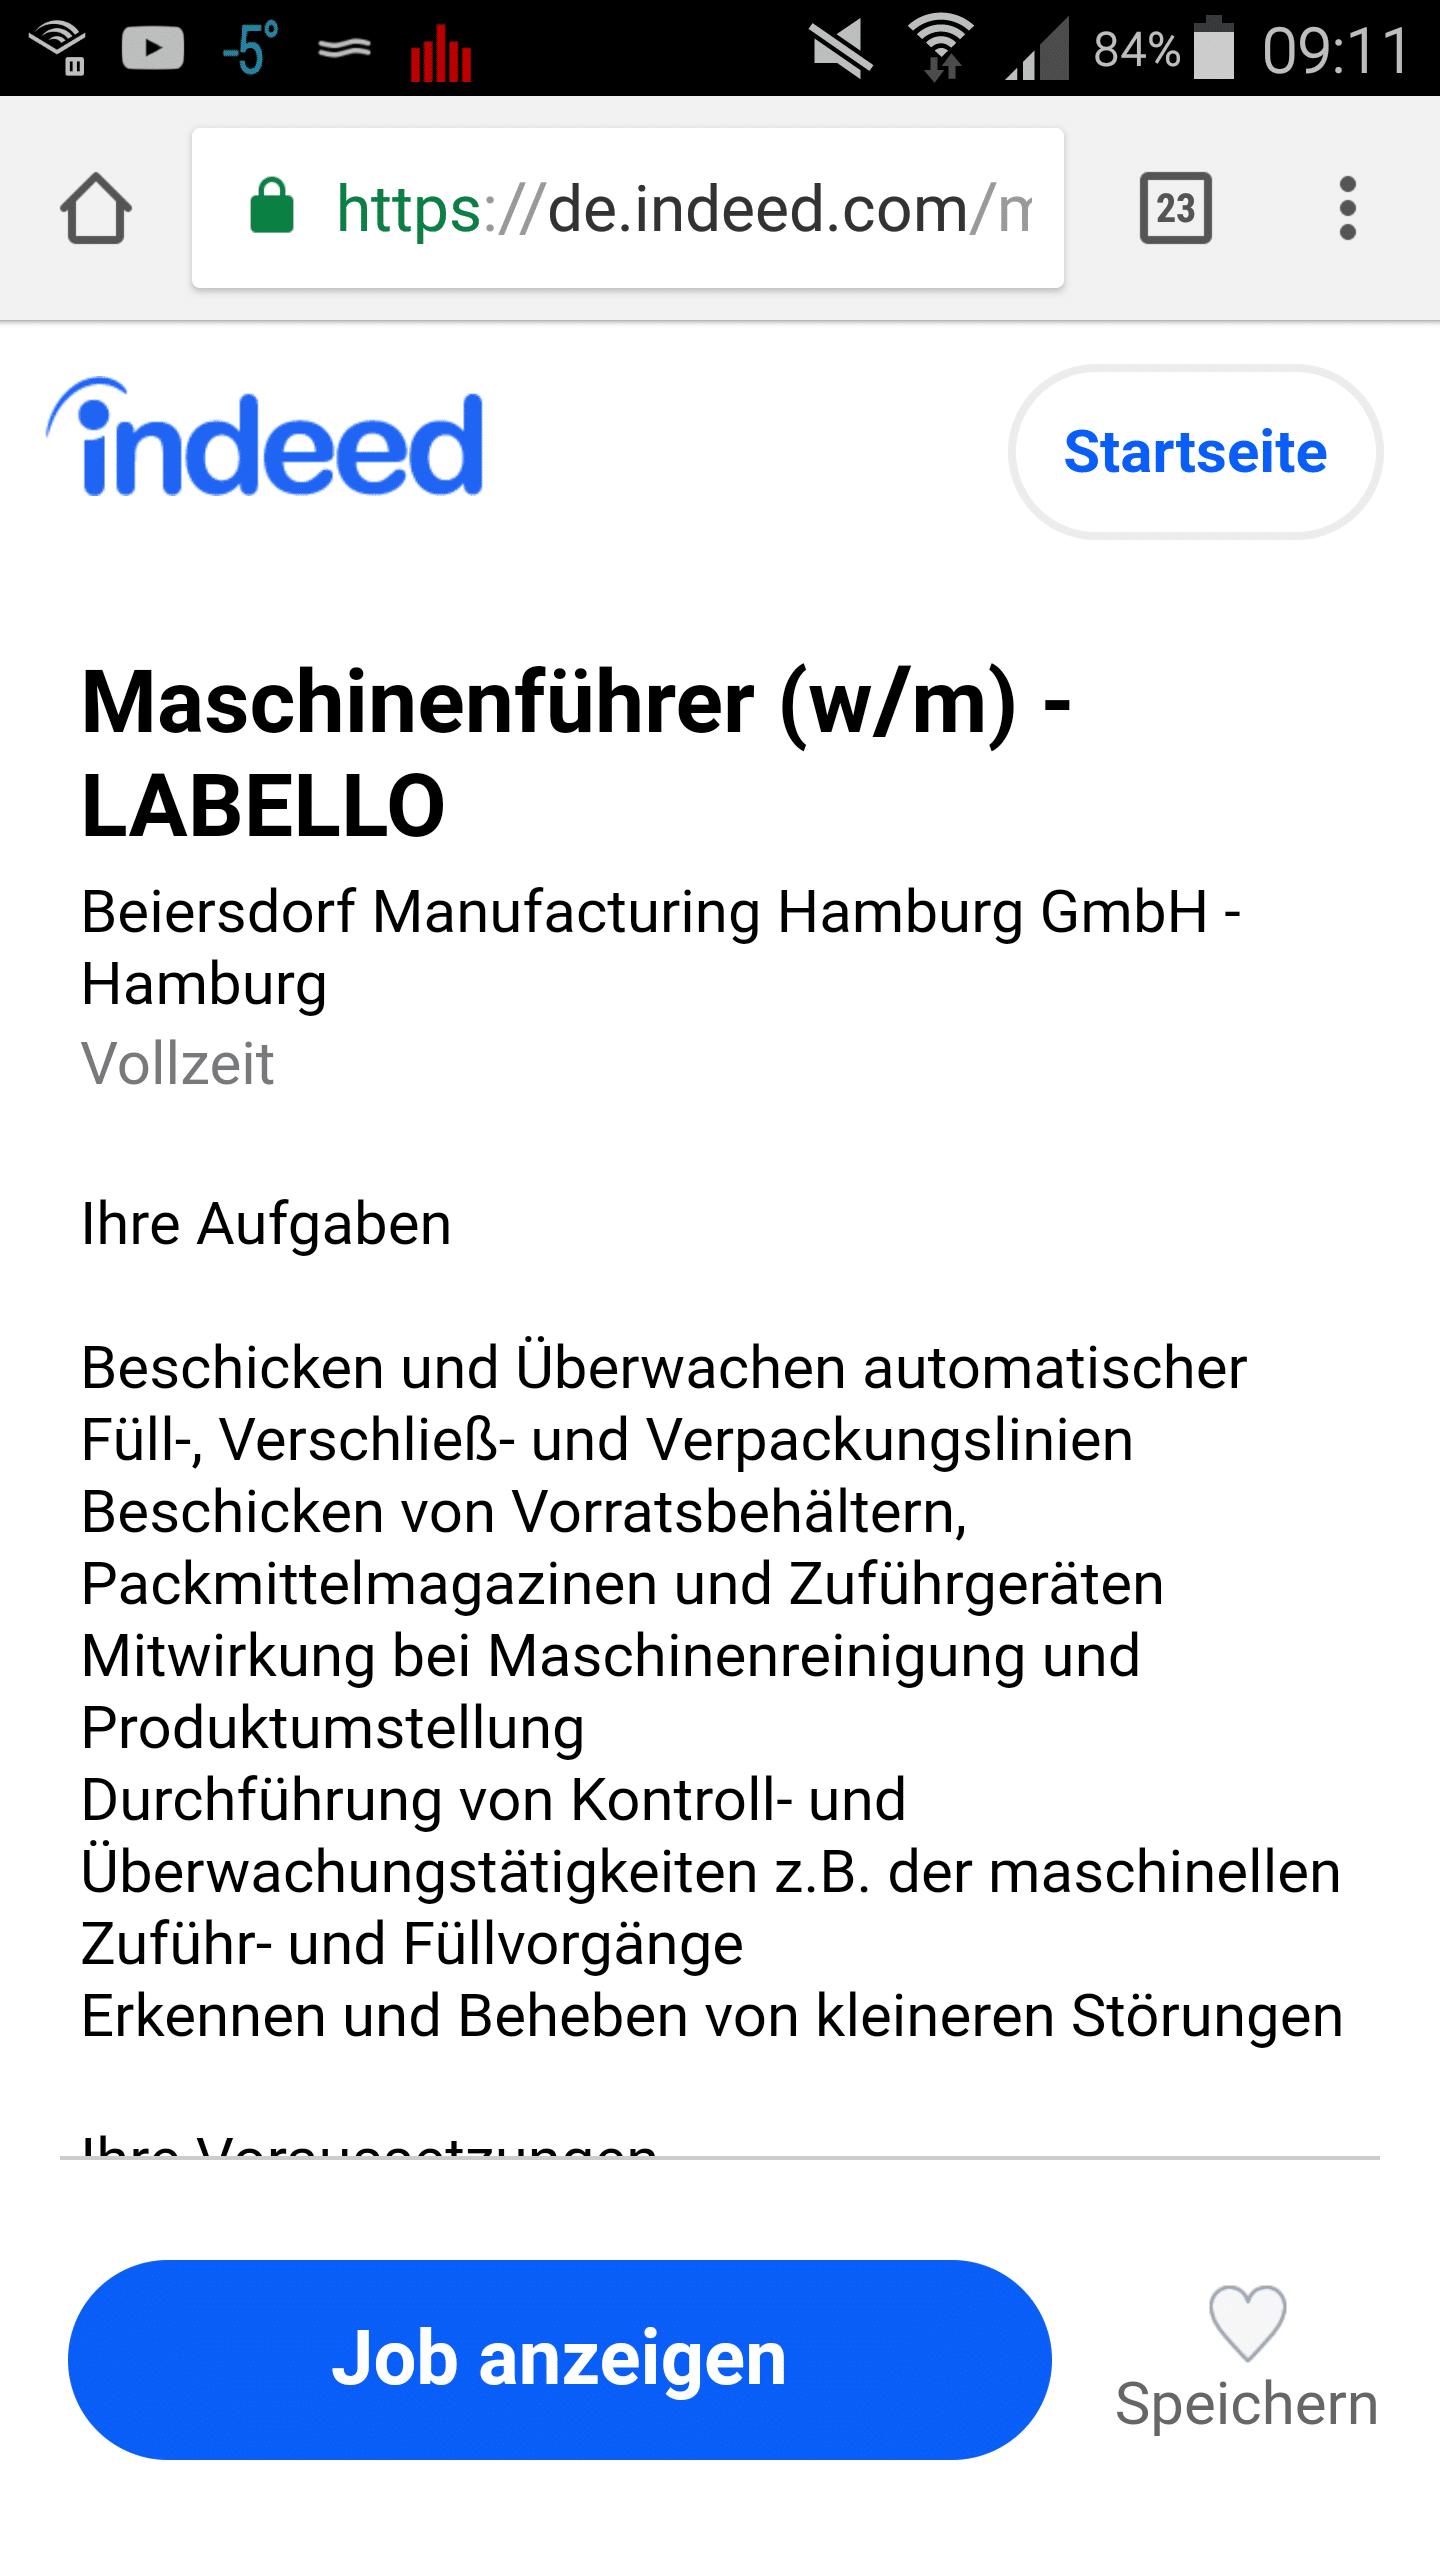 Studie Anschreiben Nervt Am Meisten Ausbildungspark Verlag